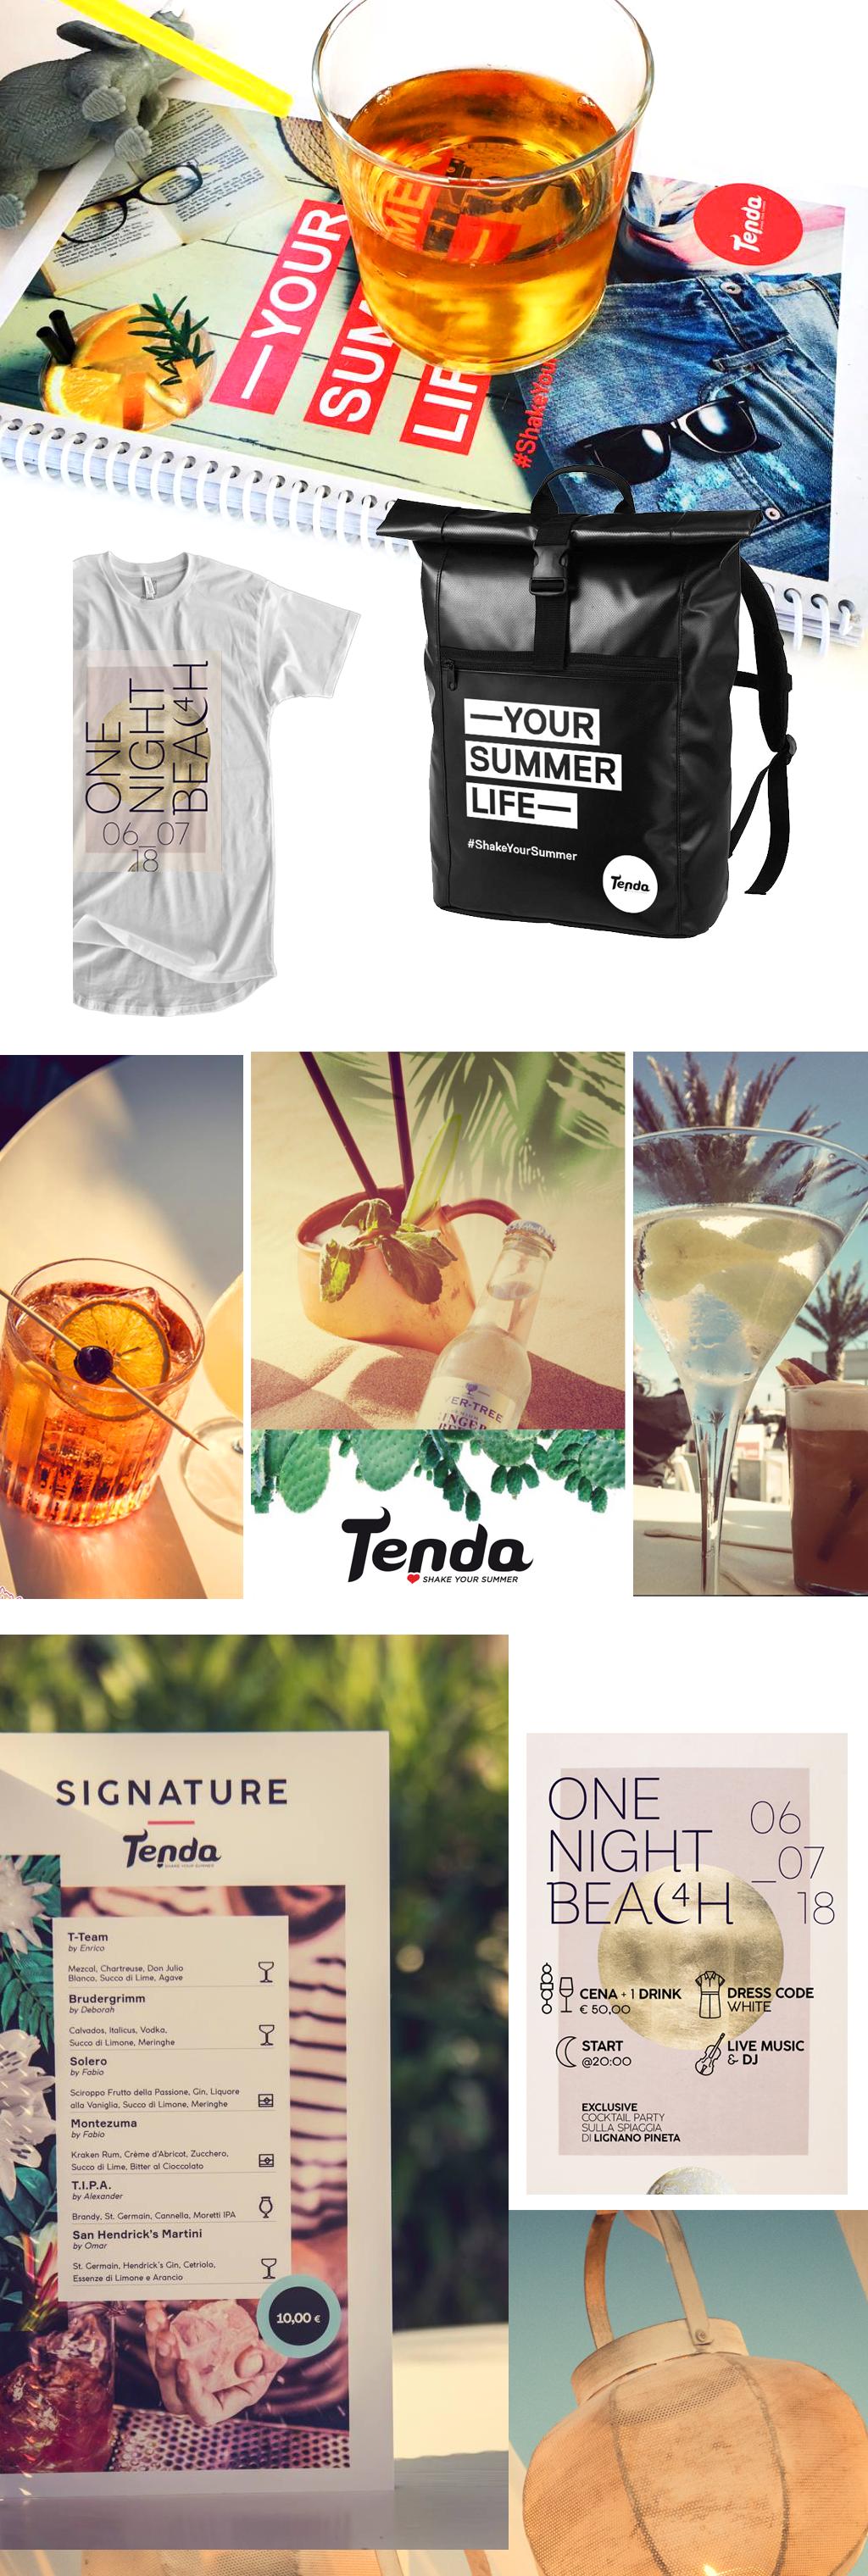 Tenda-2018